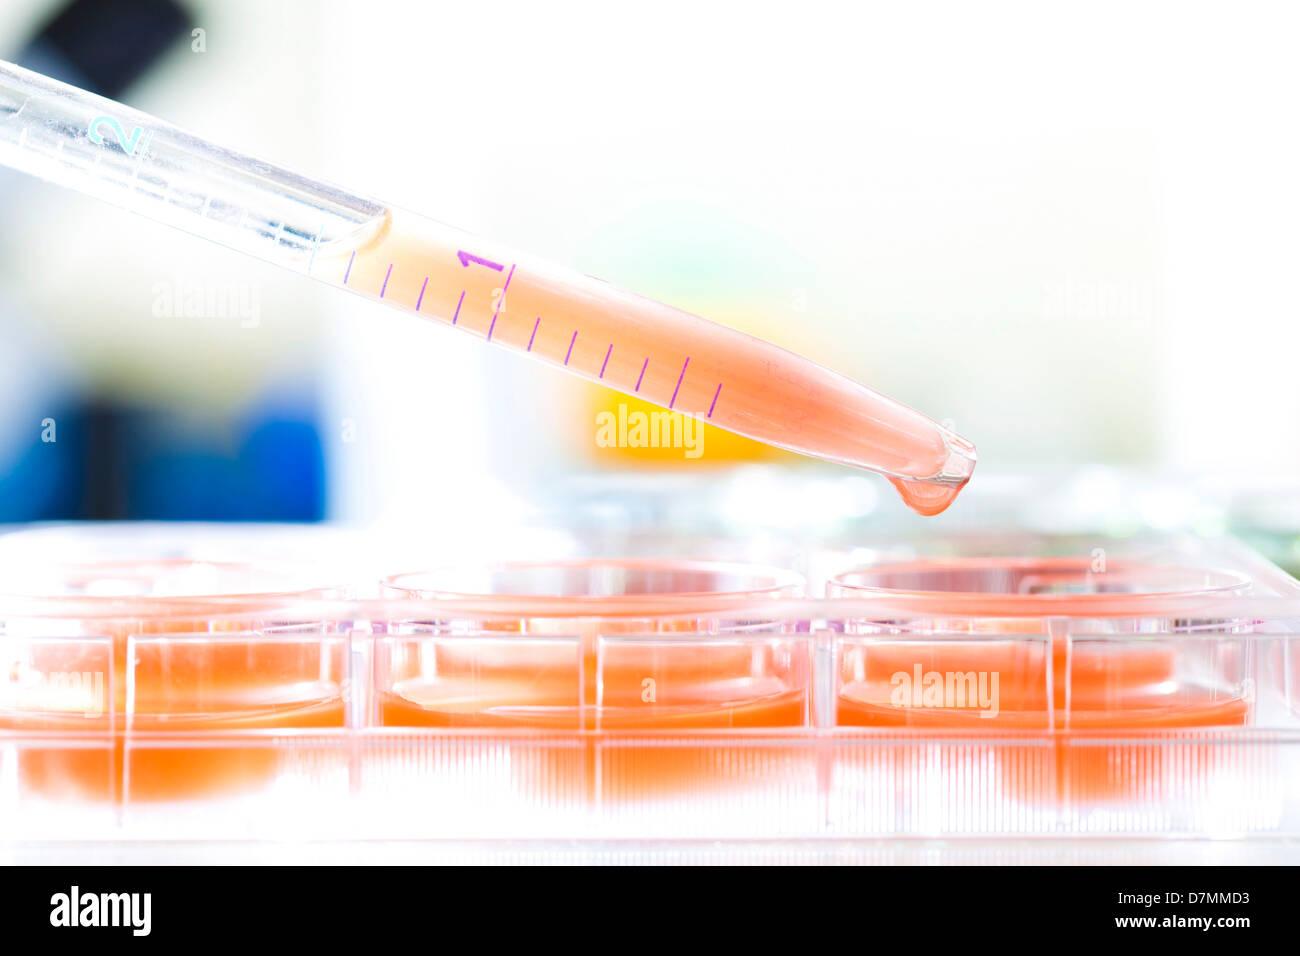 Las investigaciones biológicas Imagen De Stock